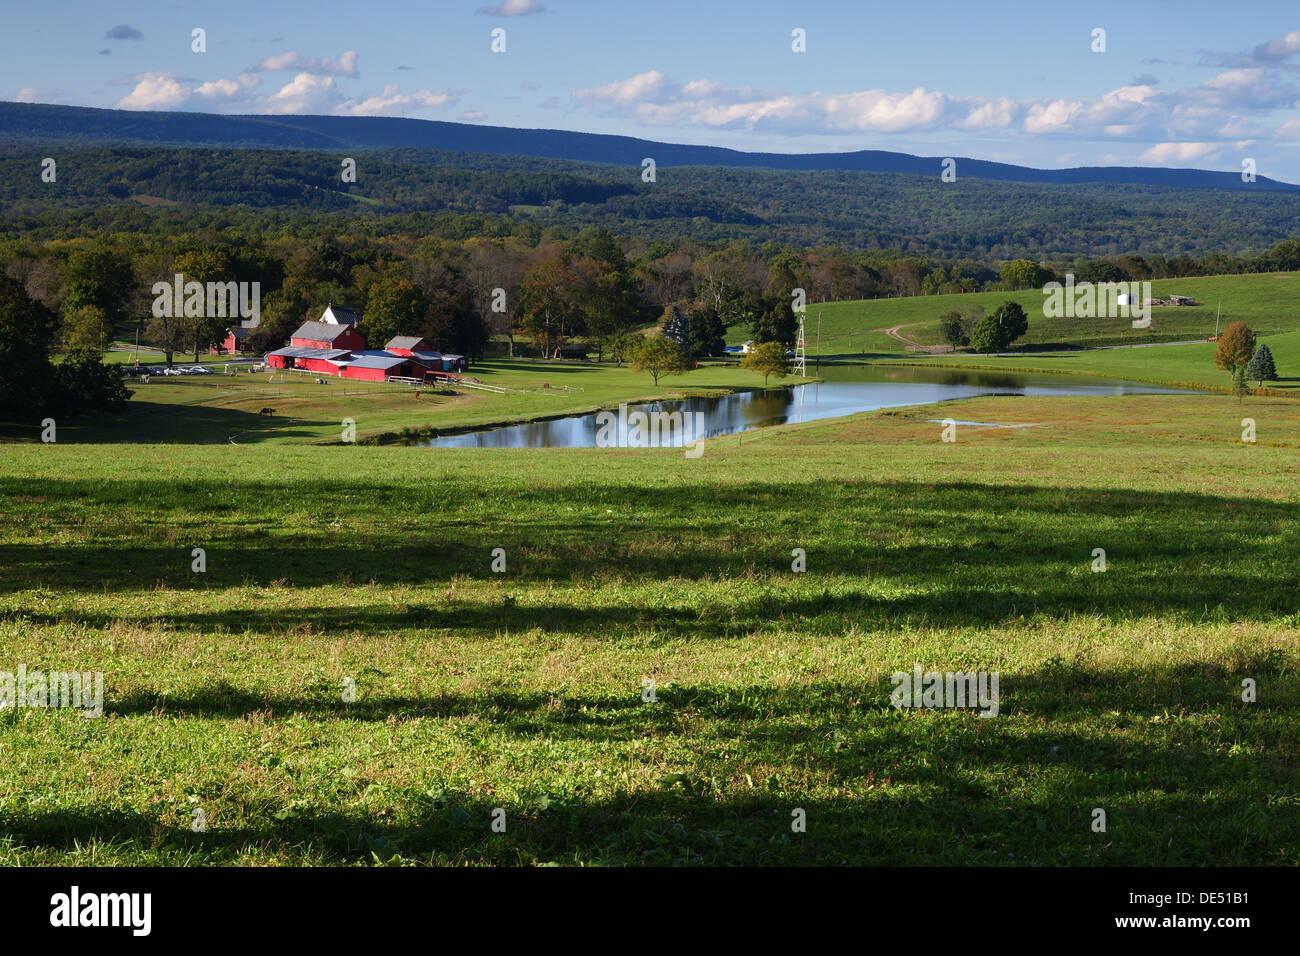 Granja y tierras agrícolas en Fairview Hill Road Fredon municipio del condado de Sussex, Nueva Jersey, EE.UU. Imagen De Stock